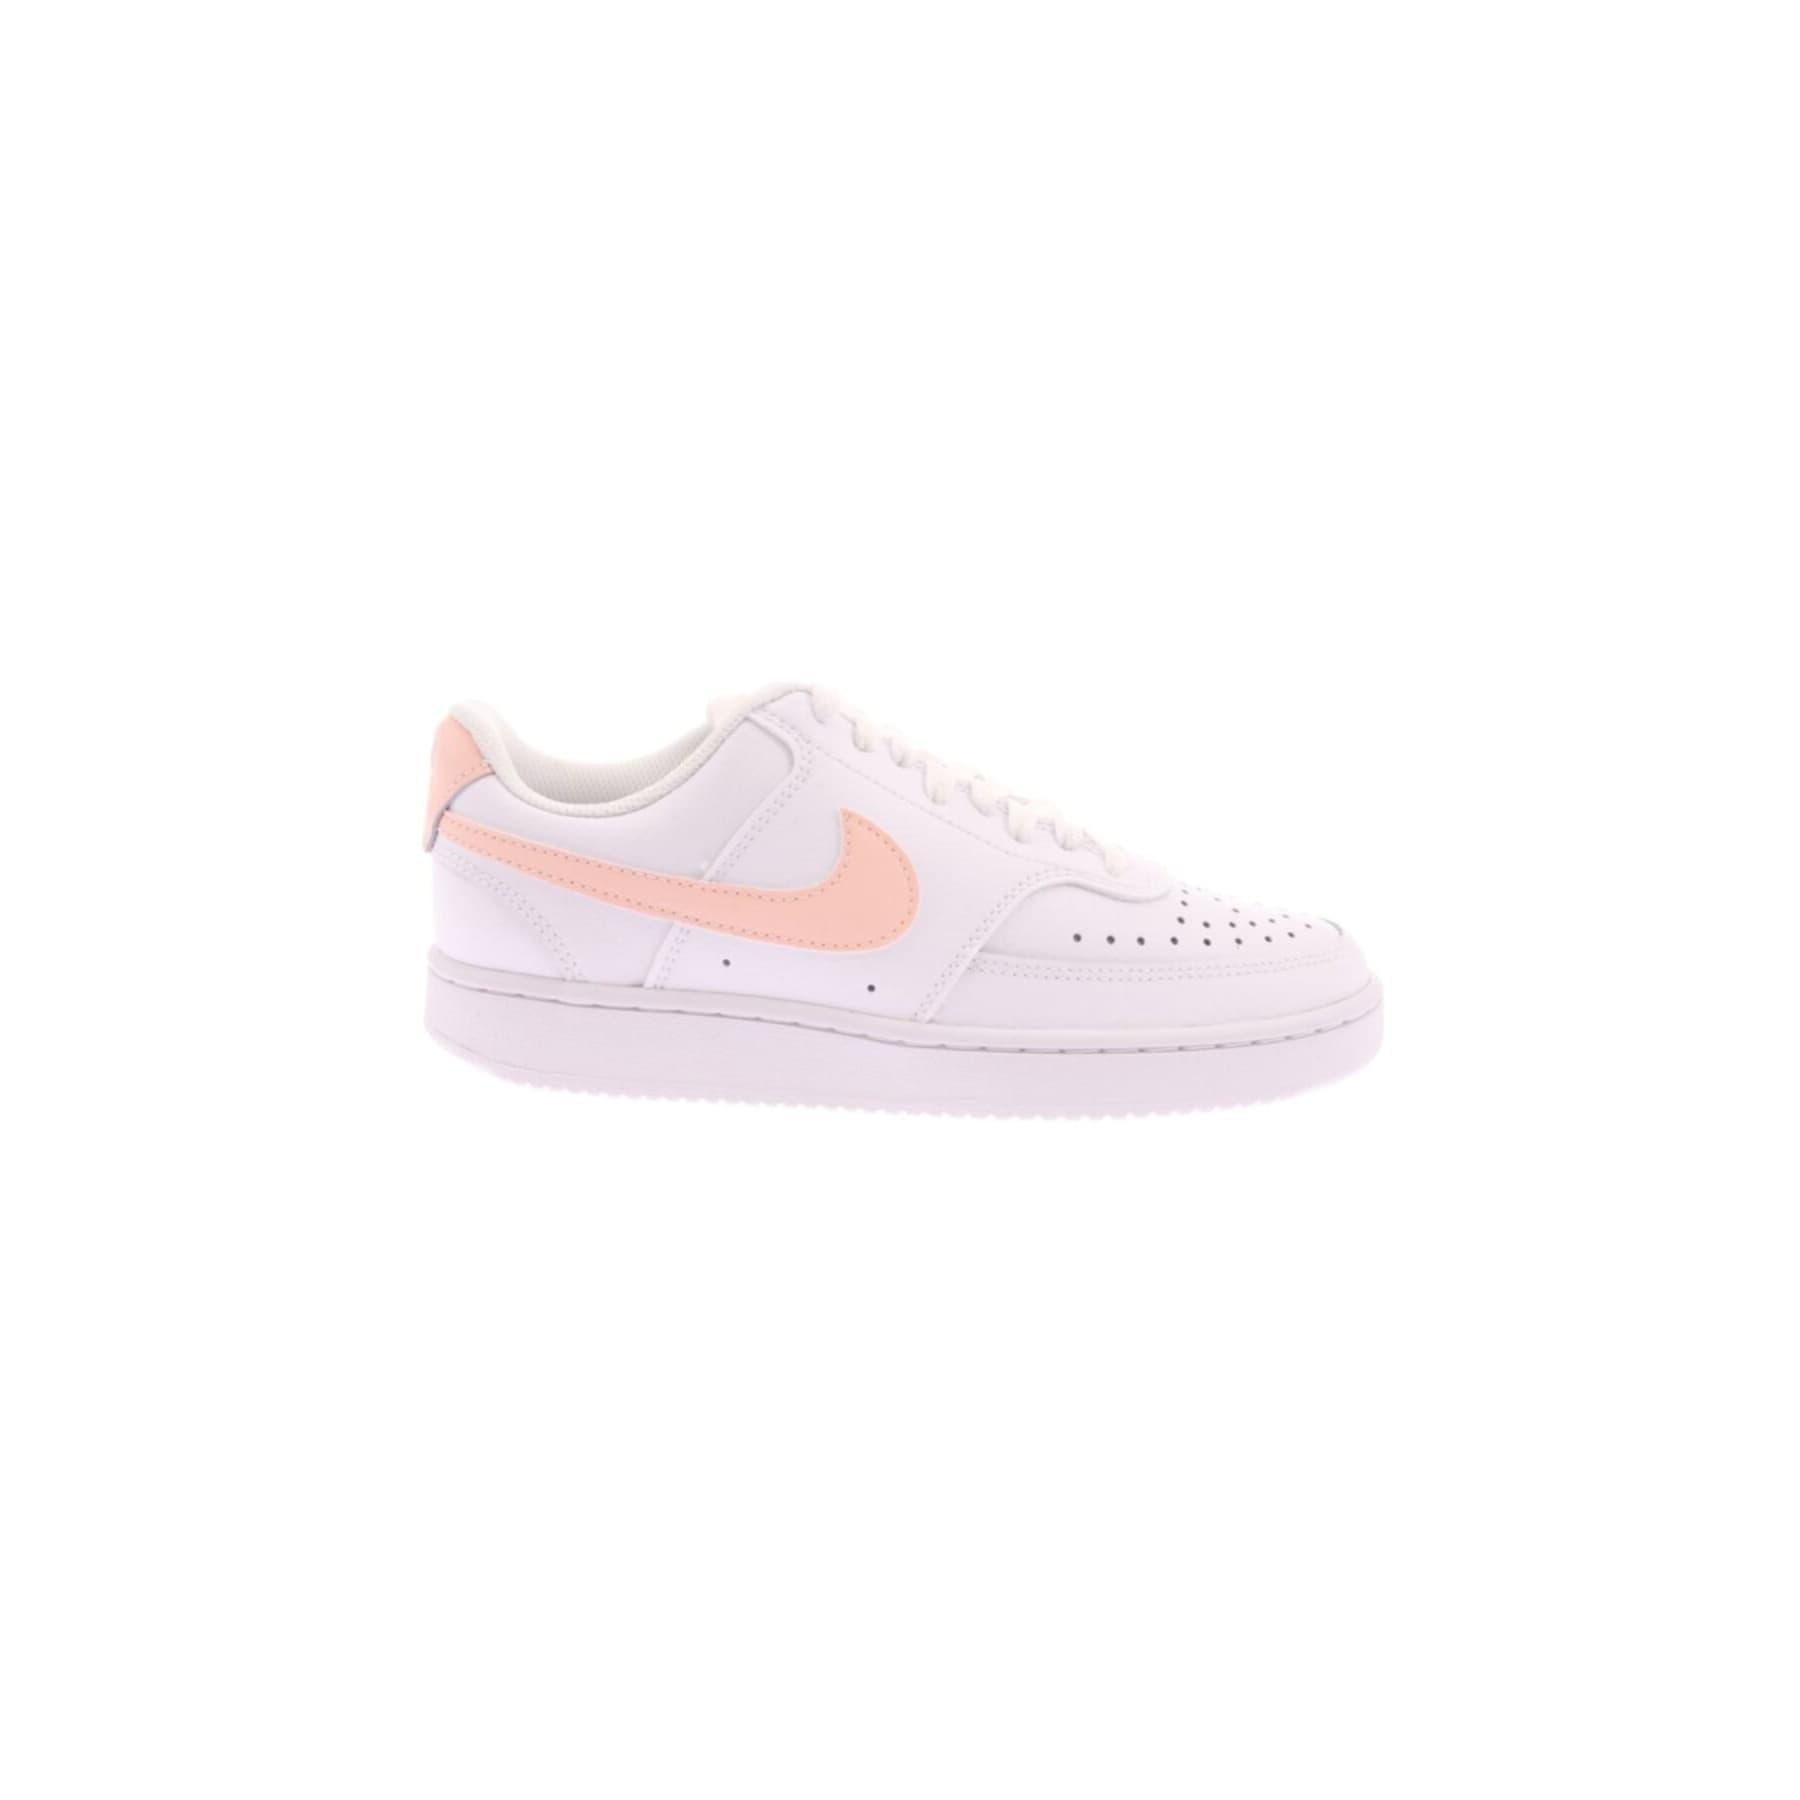 Court Vision Low Kadın Beyaz Spor Ayakkabı (CD5434-105)